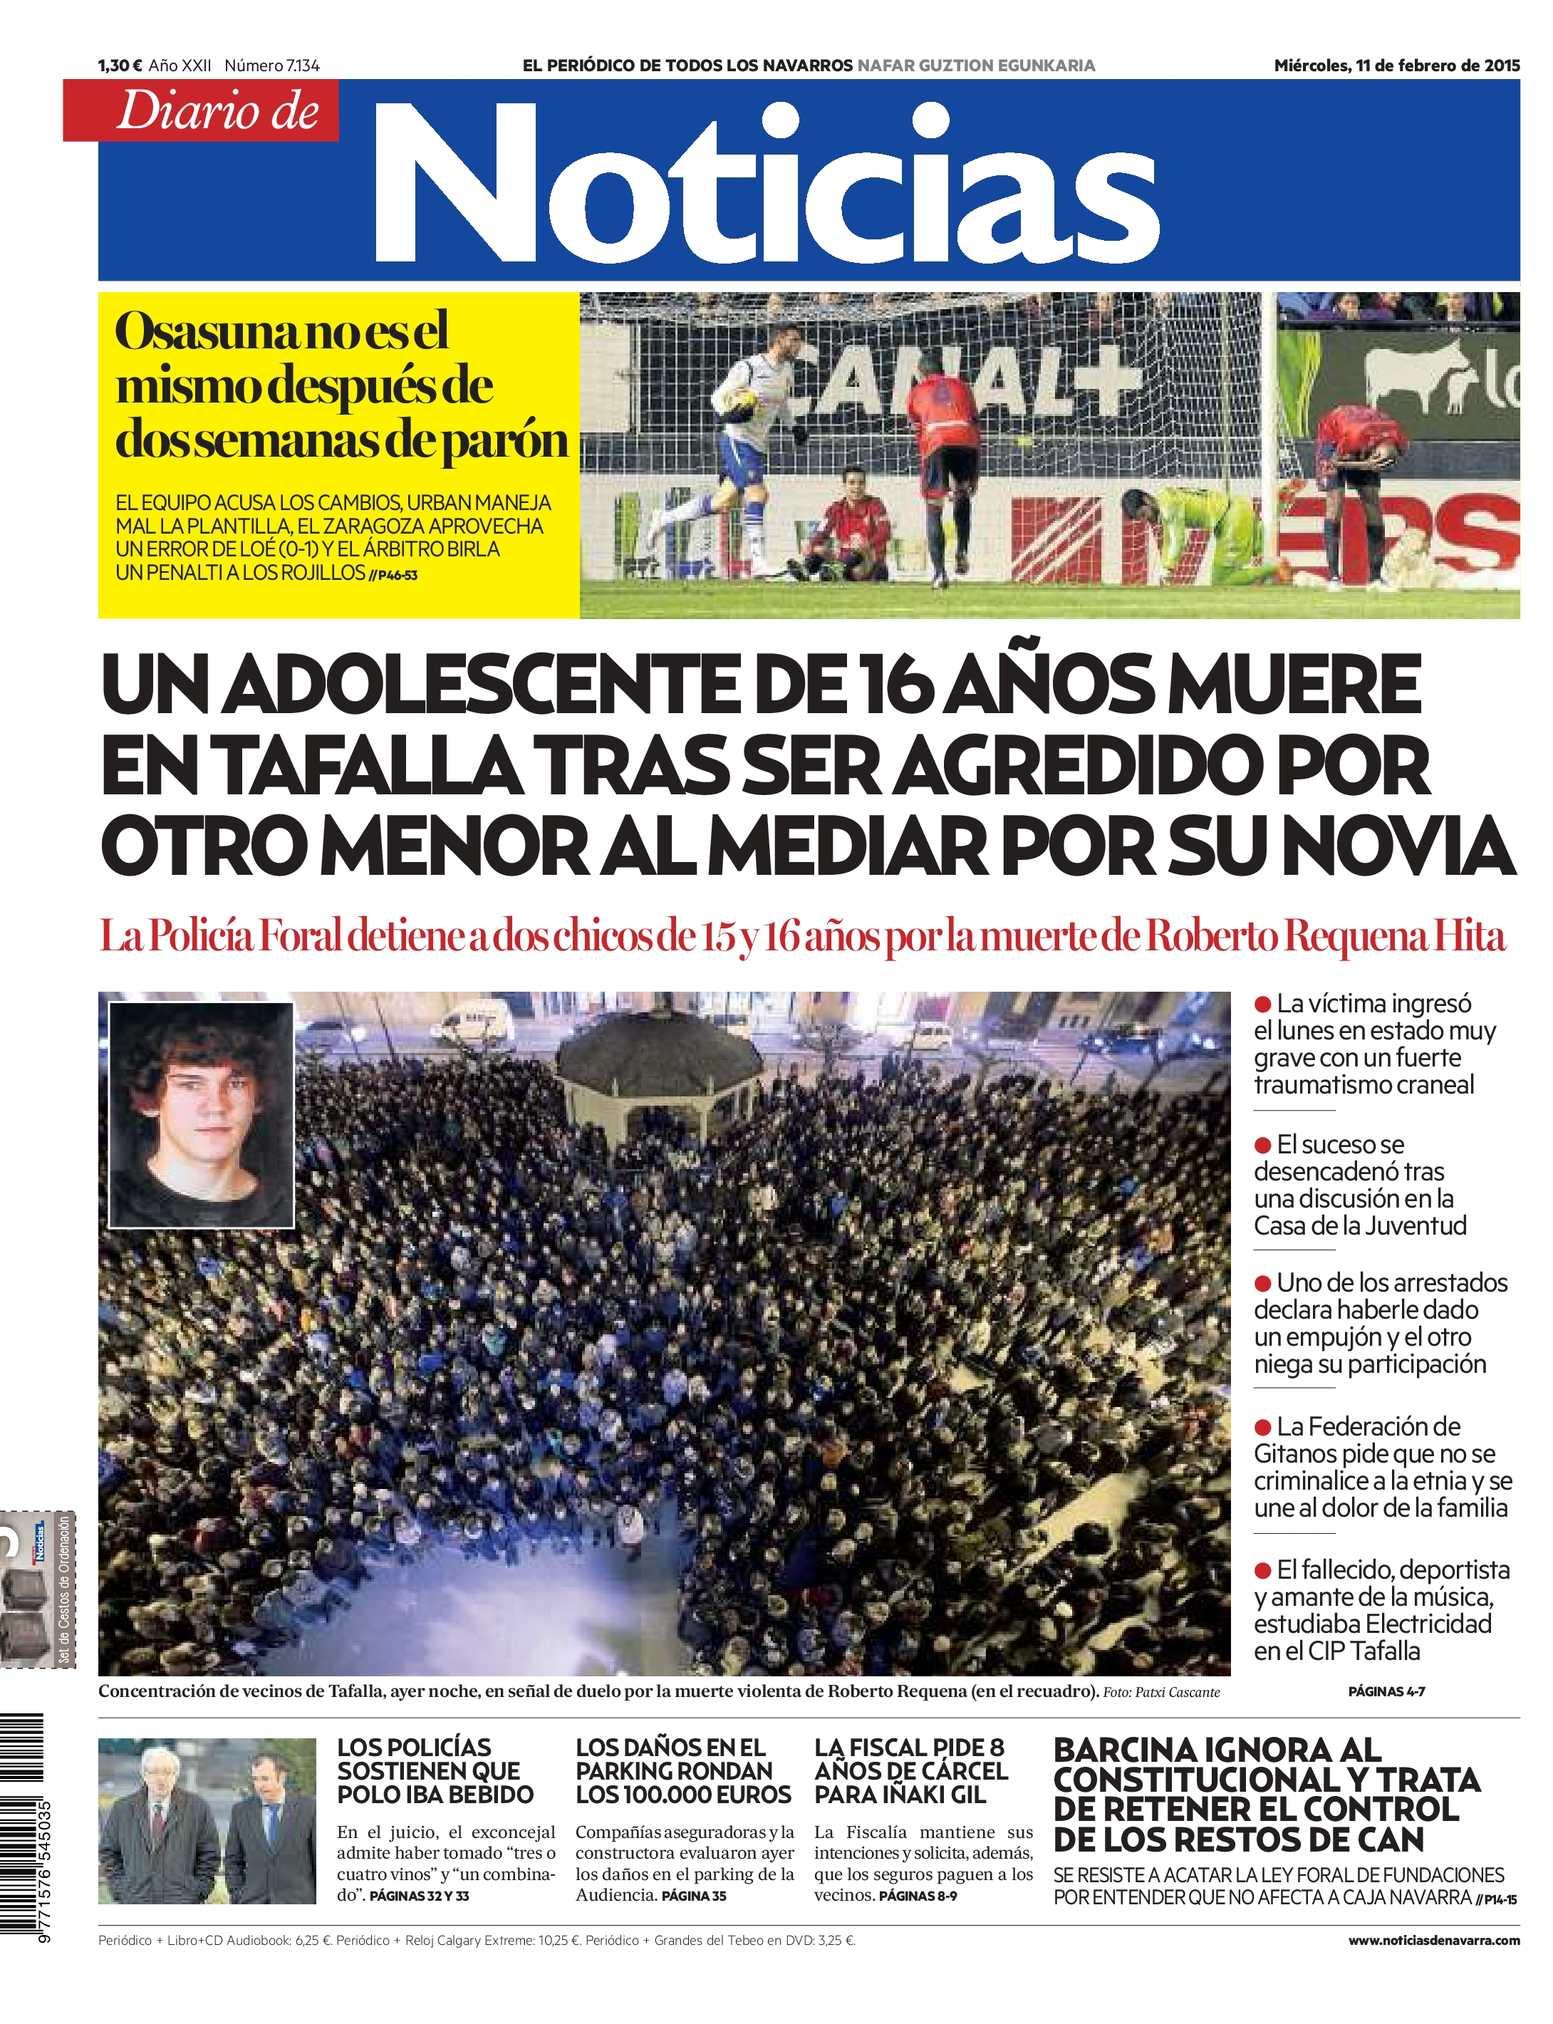 Calaméo - Diario de Noticias 20150211